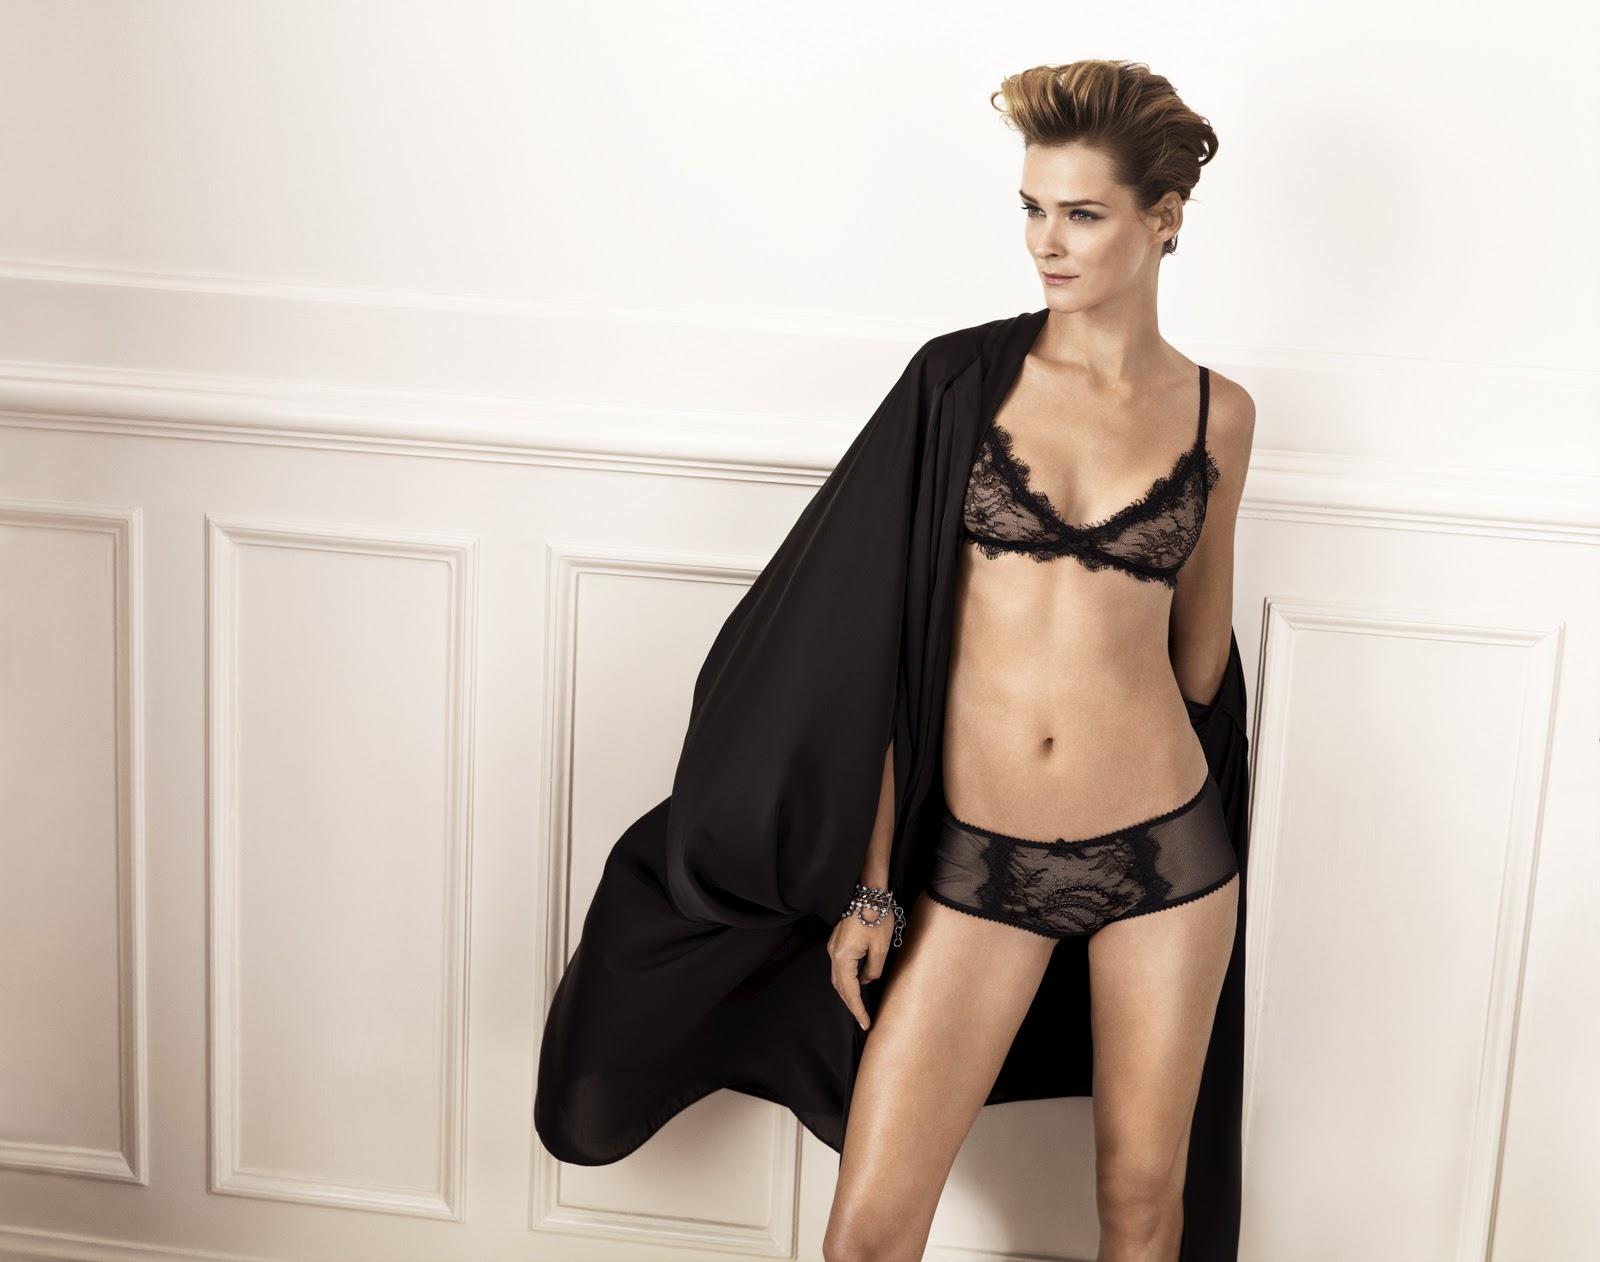 För några dagar släppte Lindex sin Affordable Luxury-kollektion som var  inriktad på underkläder och loungewear d4de75b5f545f